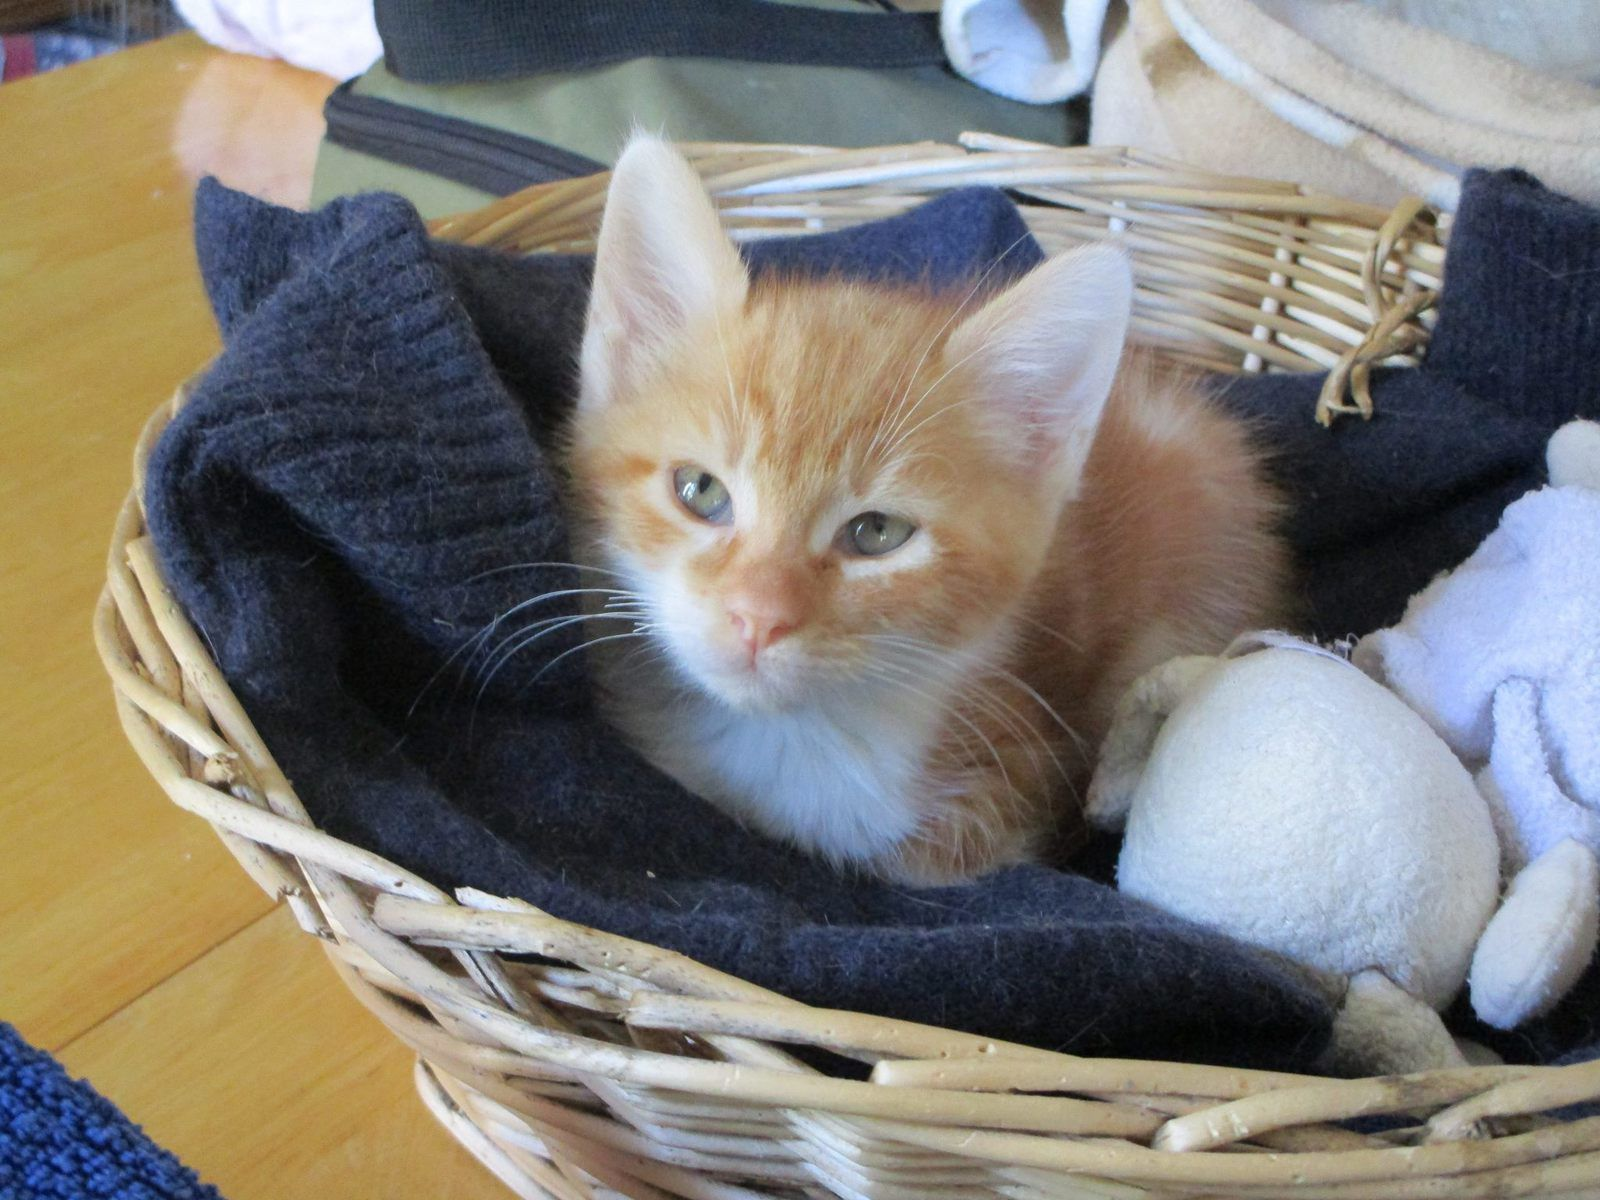 rencontre et chat maroc premiere rencontre amoureuse poeme